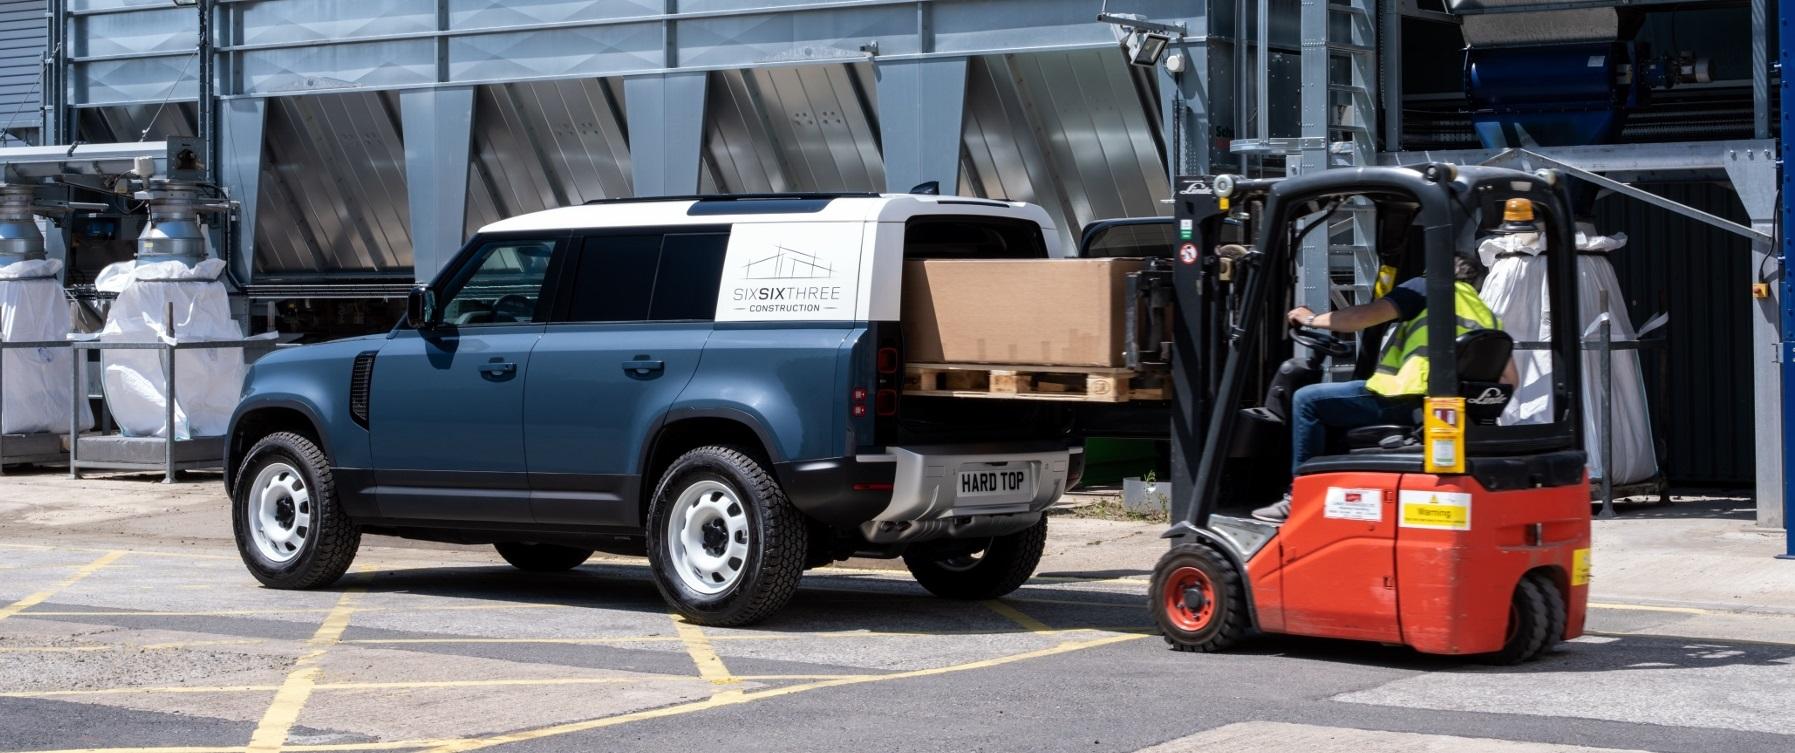 Nový Land Rover Defender prichádza v úžitkovej verzii Hard Top bpNBZnGxIO 0lrdefhardtop30062006-1800